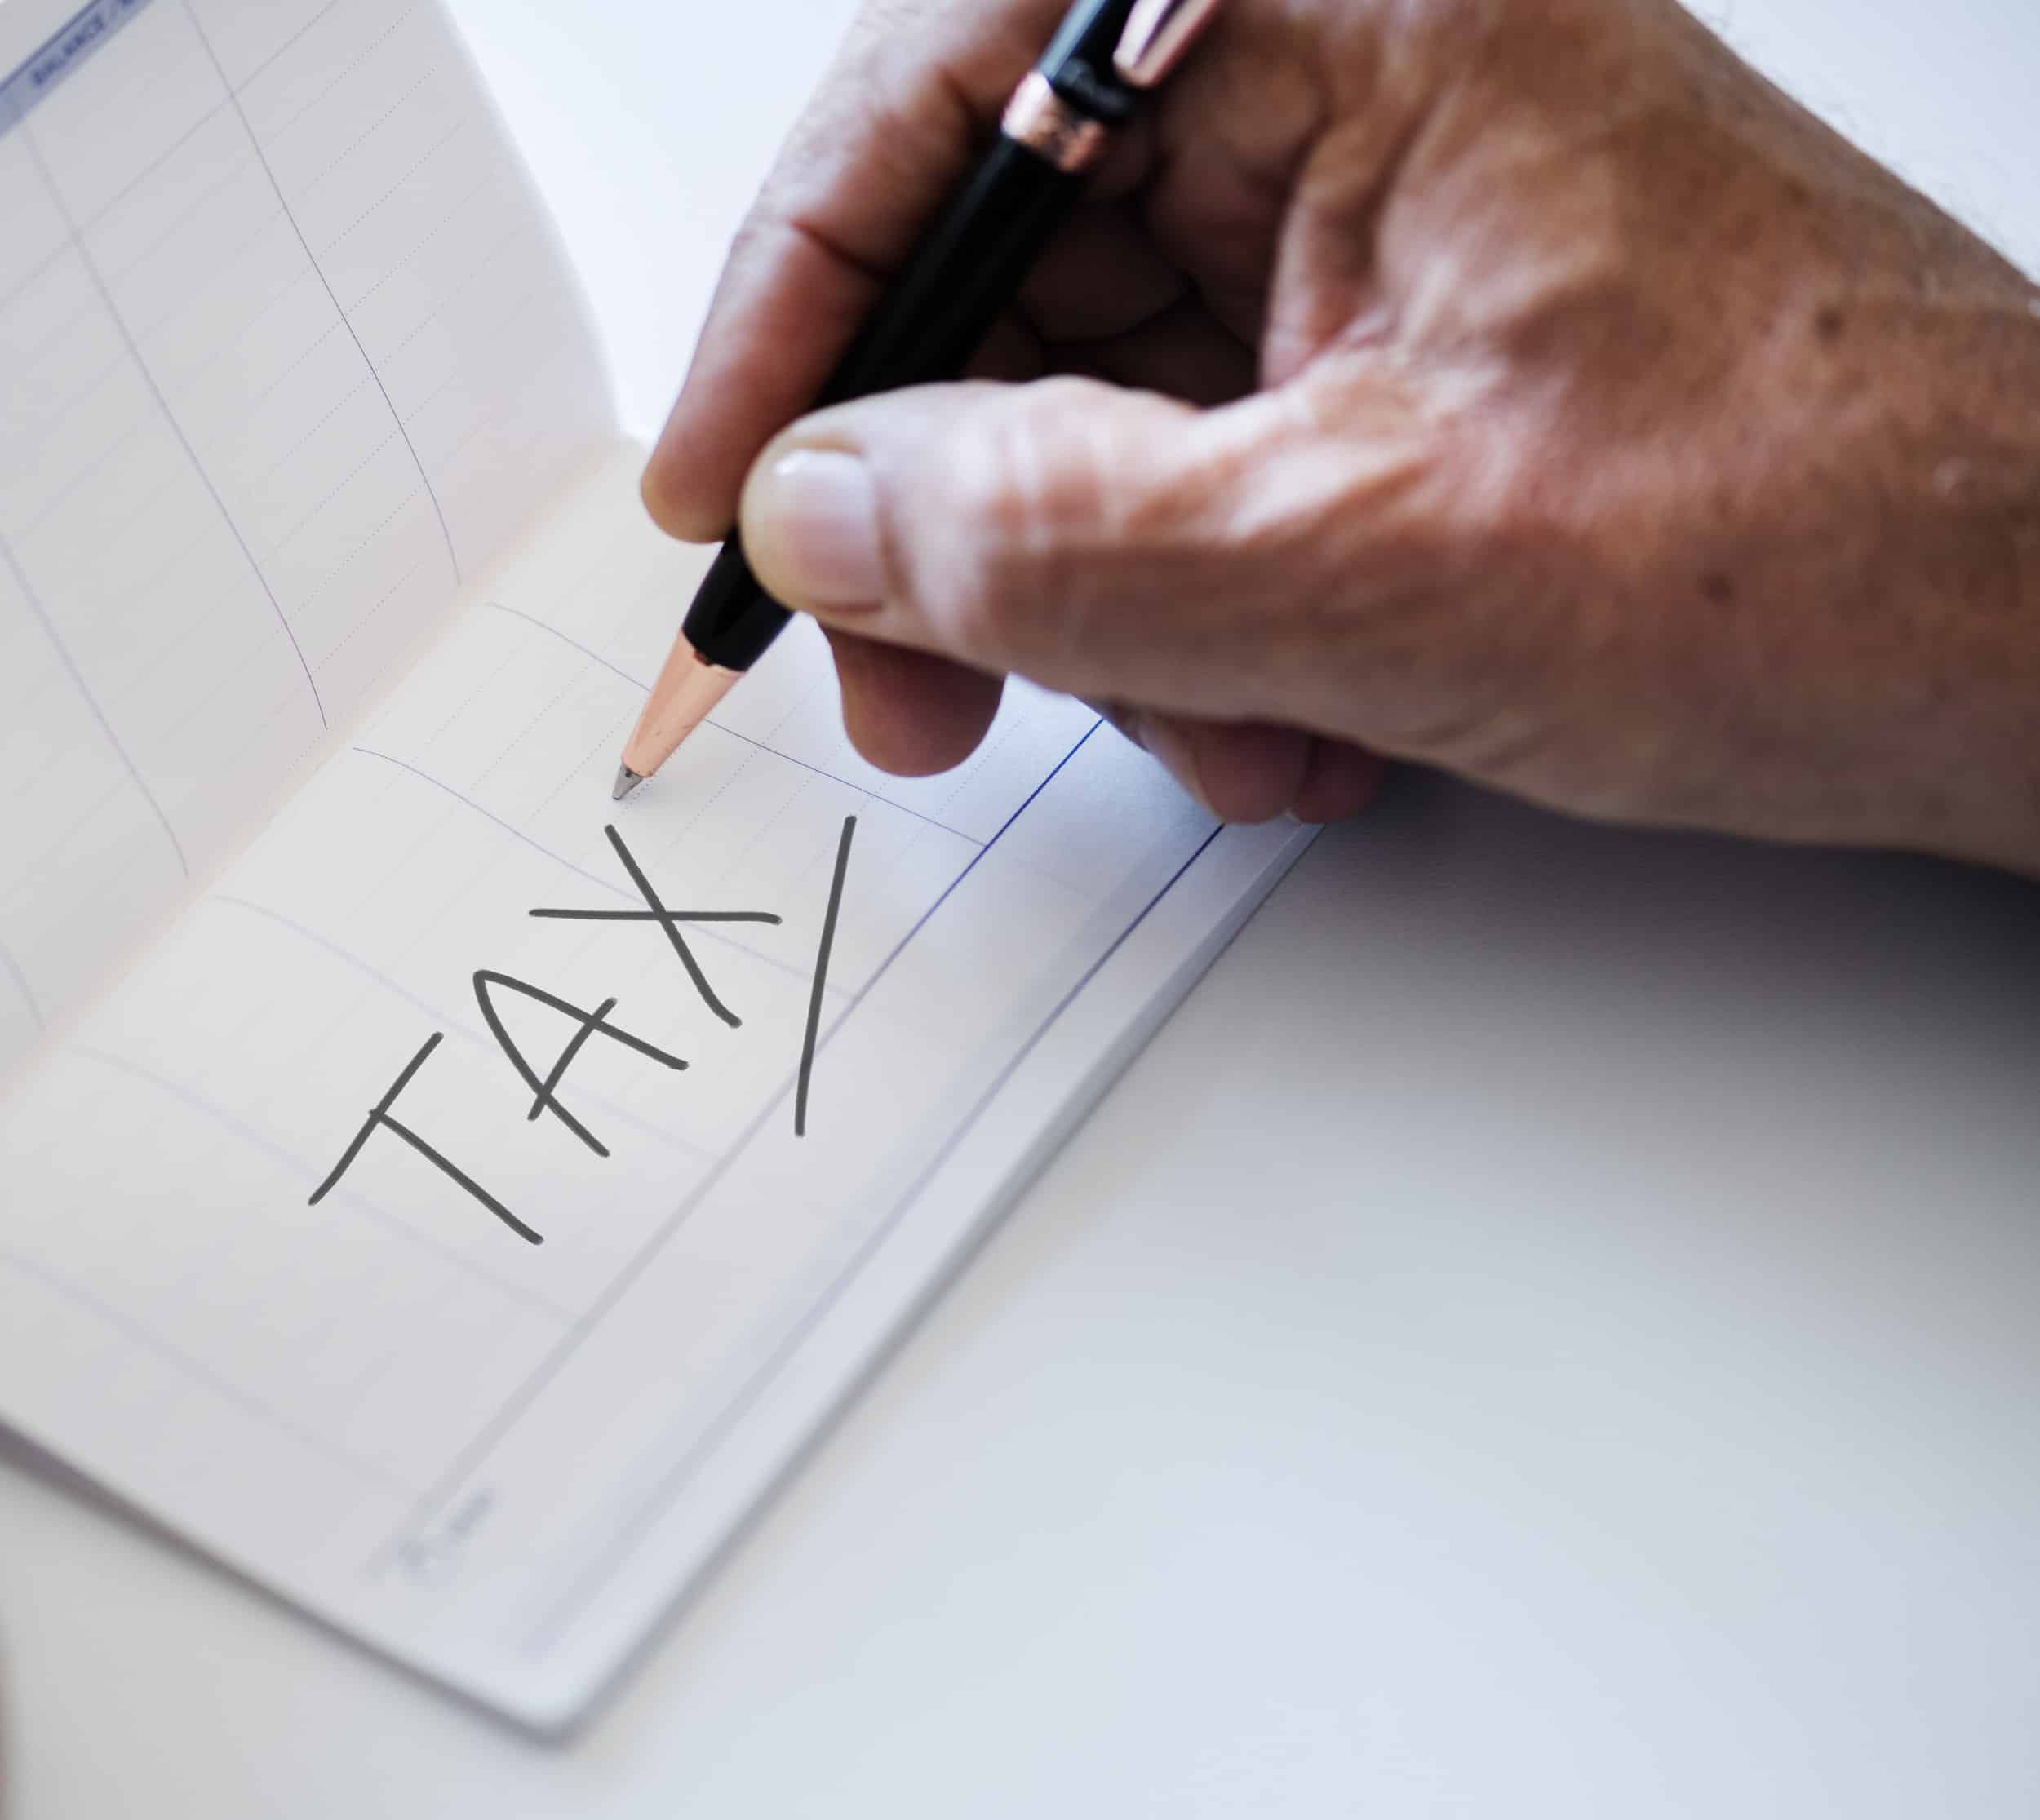 kansspelbelasting betalen wanneer moet ik kansspelbelasting betalen